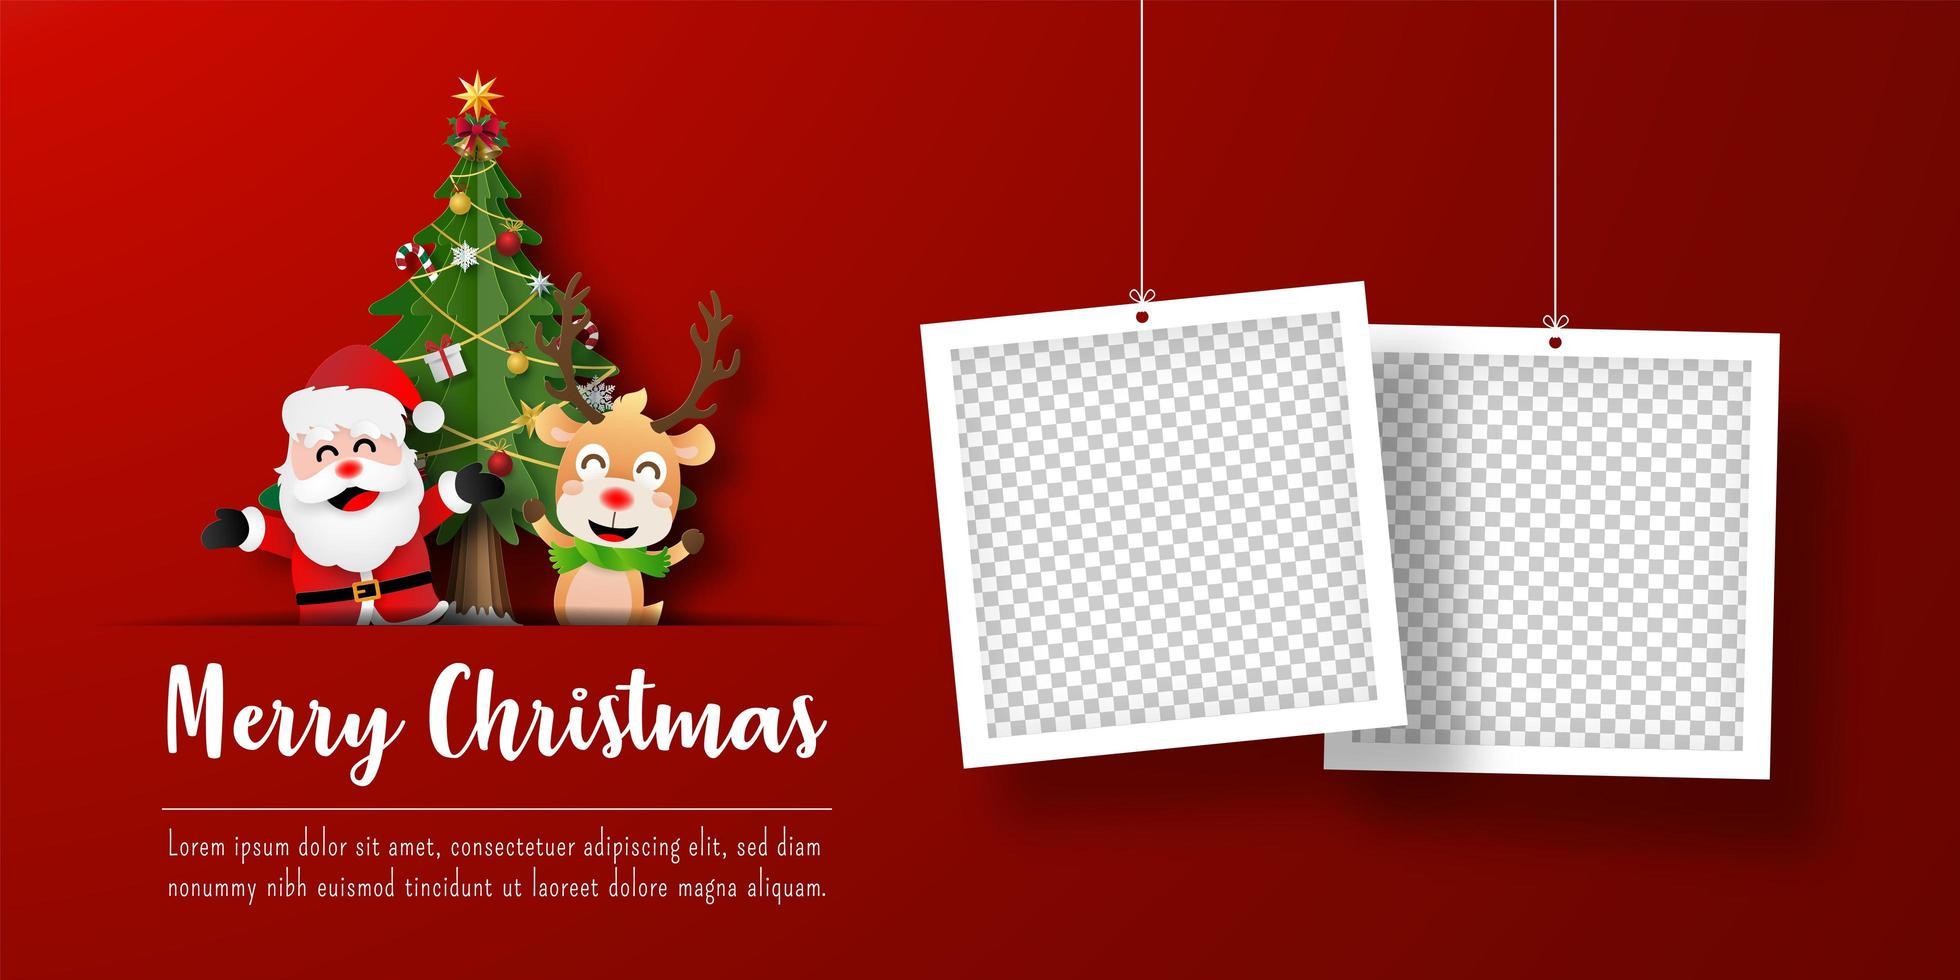 Weihnachtspostkartenbanner von Weihnachtsmann und Rentier mit Fotorahmen vektor